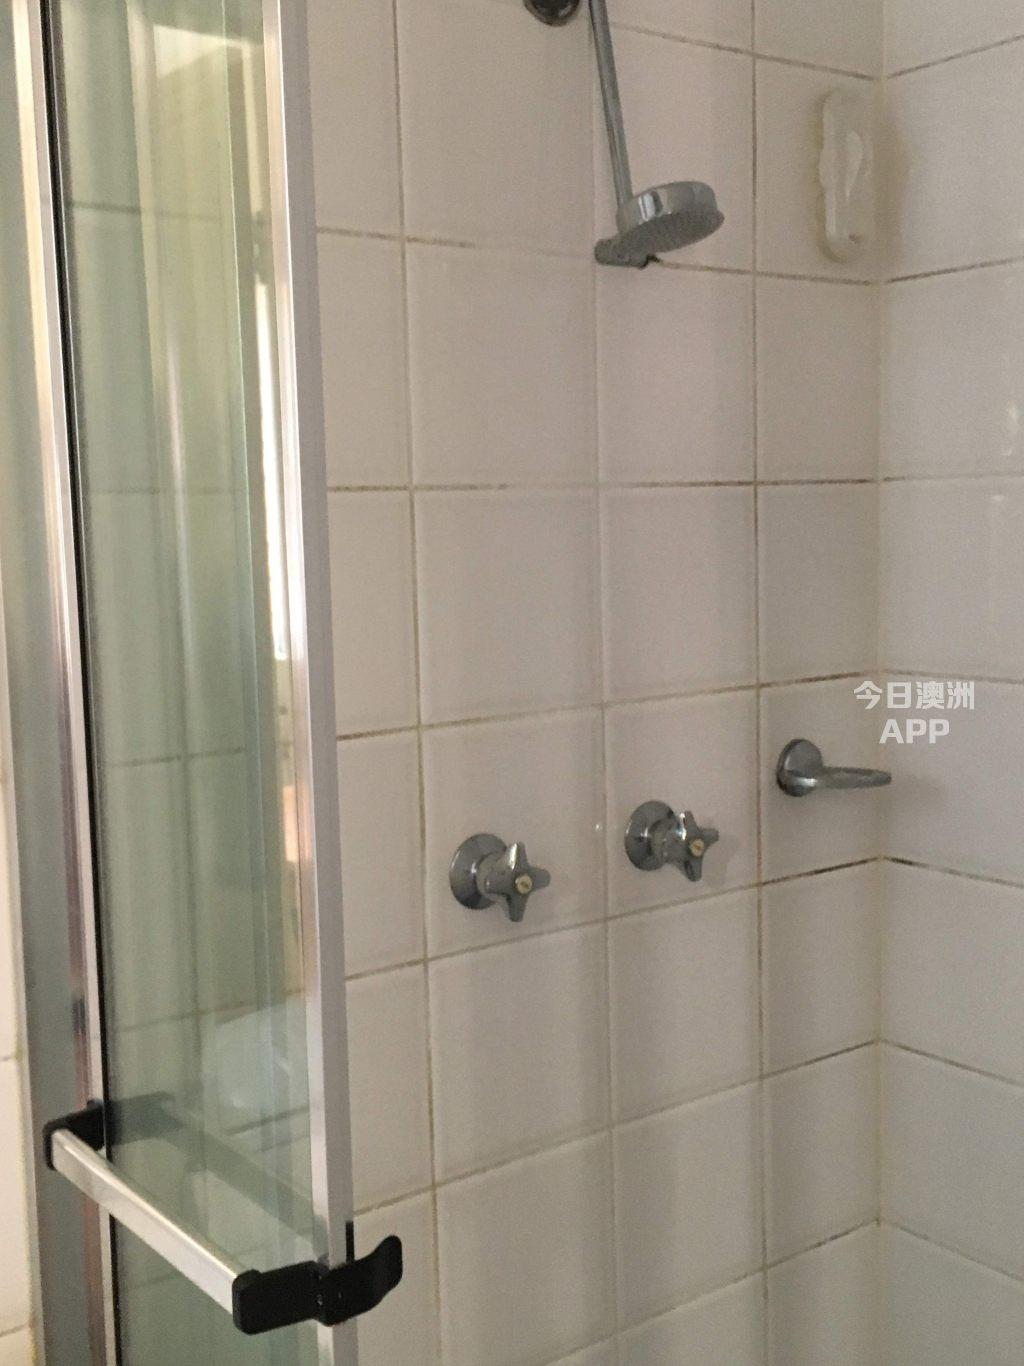 Chatswood  主人套房一间 独立卫浴 所有家具齐备